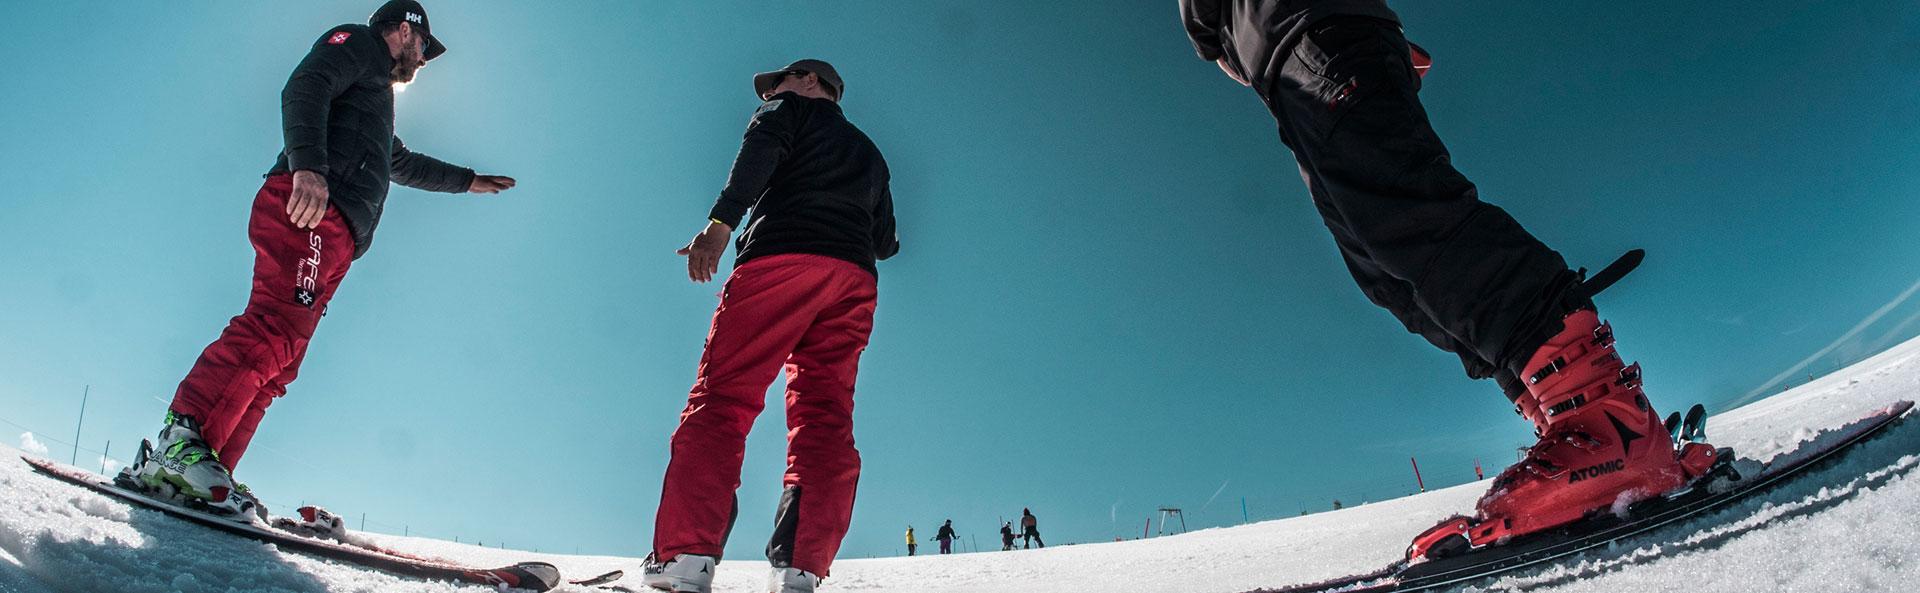 safe_formacion-tecnico_deportivo_esqui_alpino-convocatoria-slide